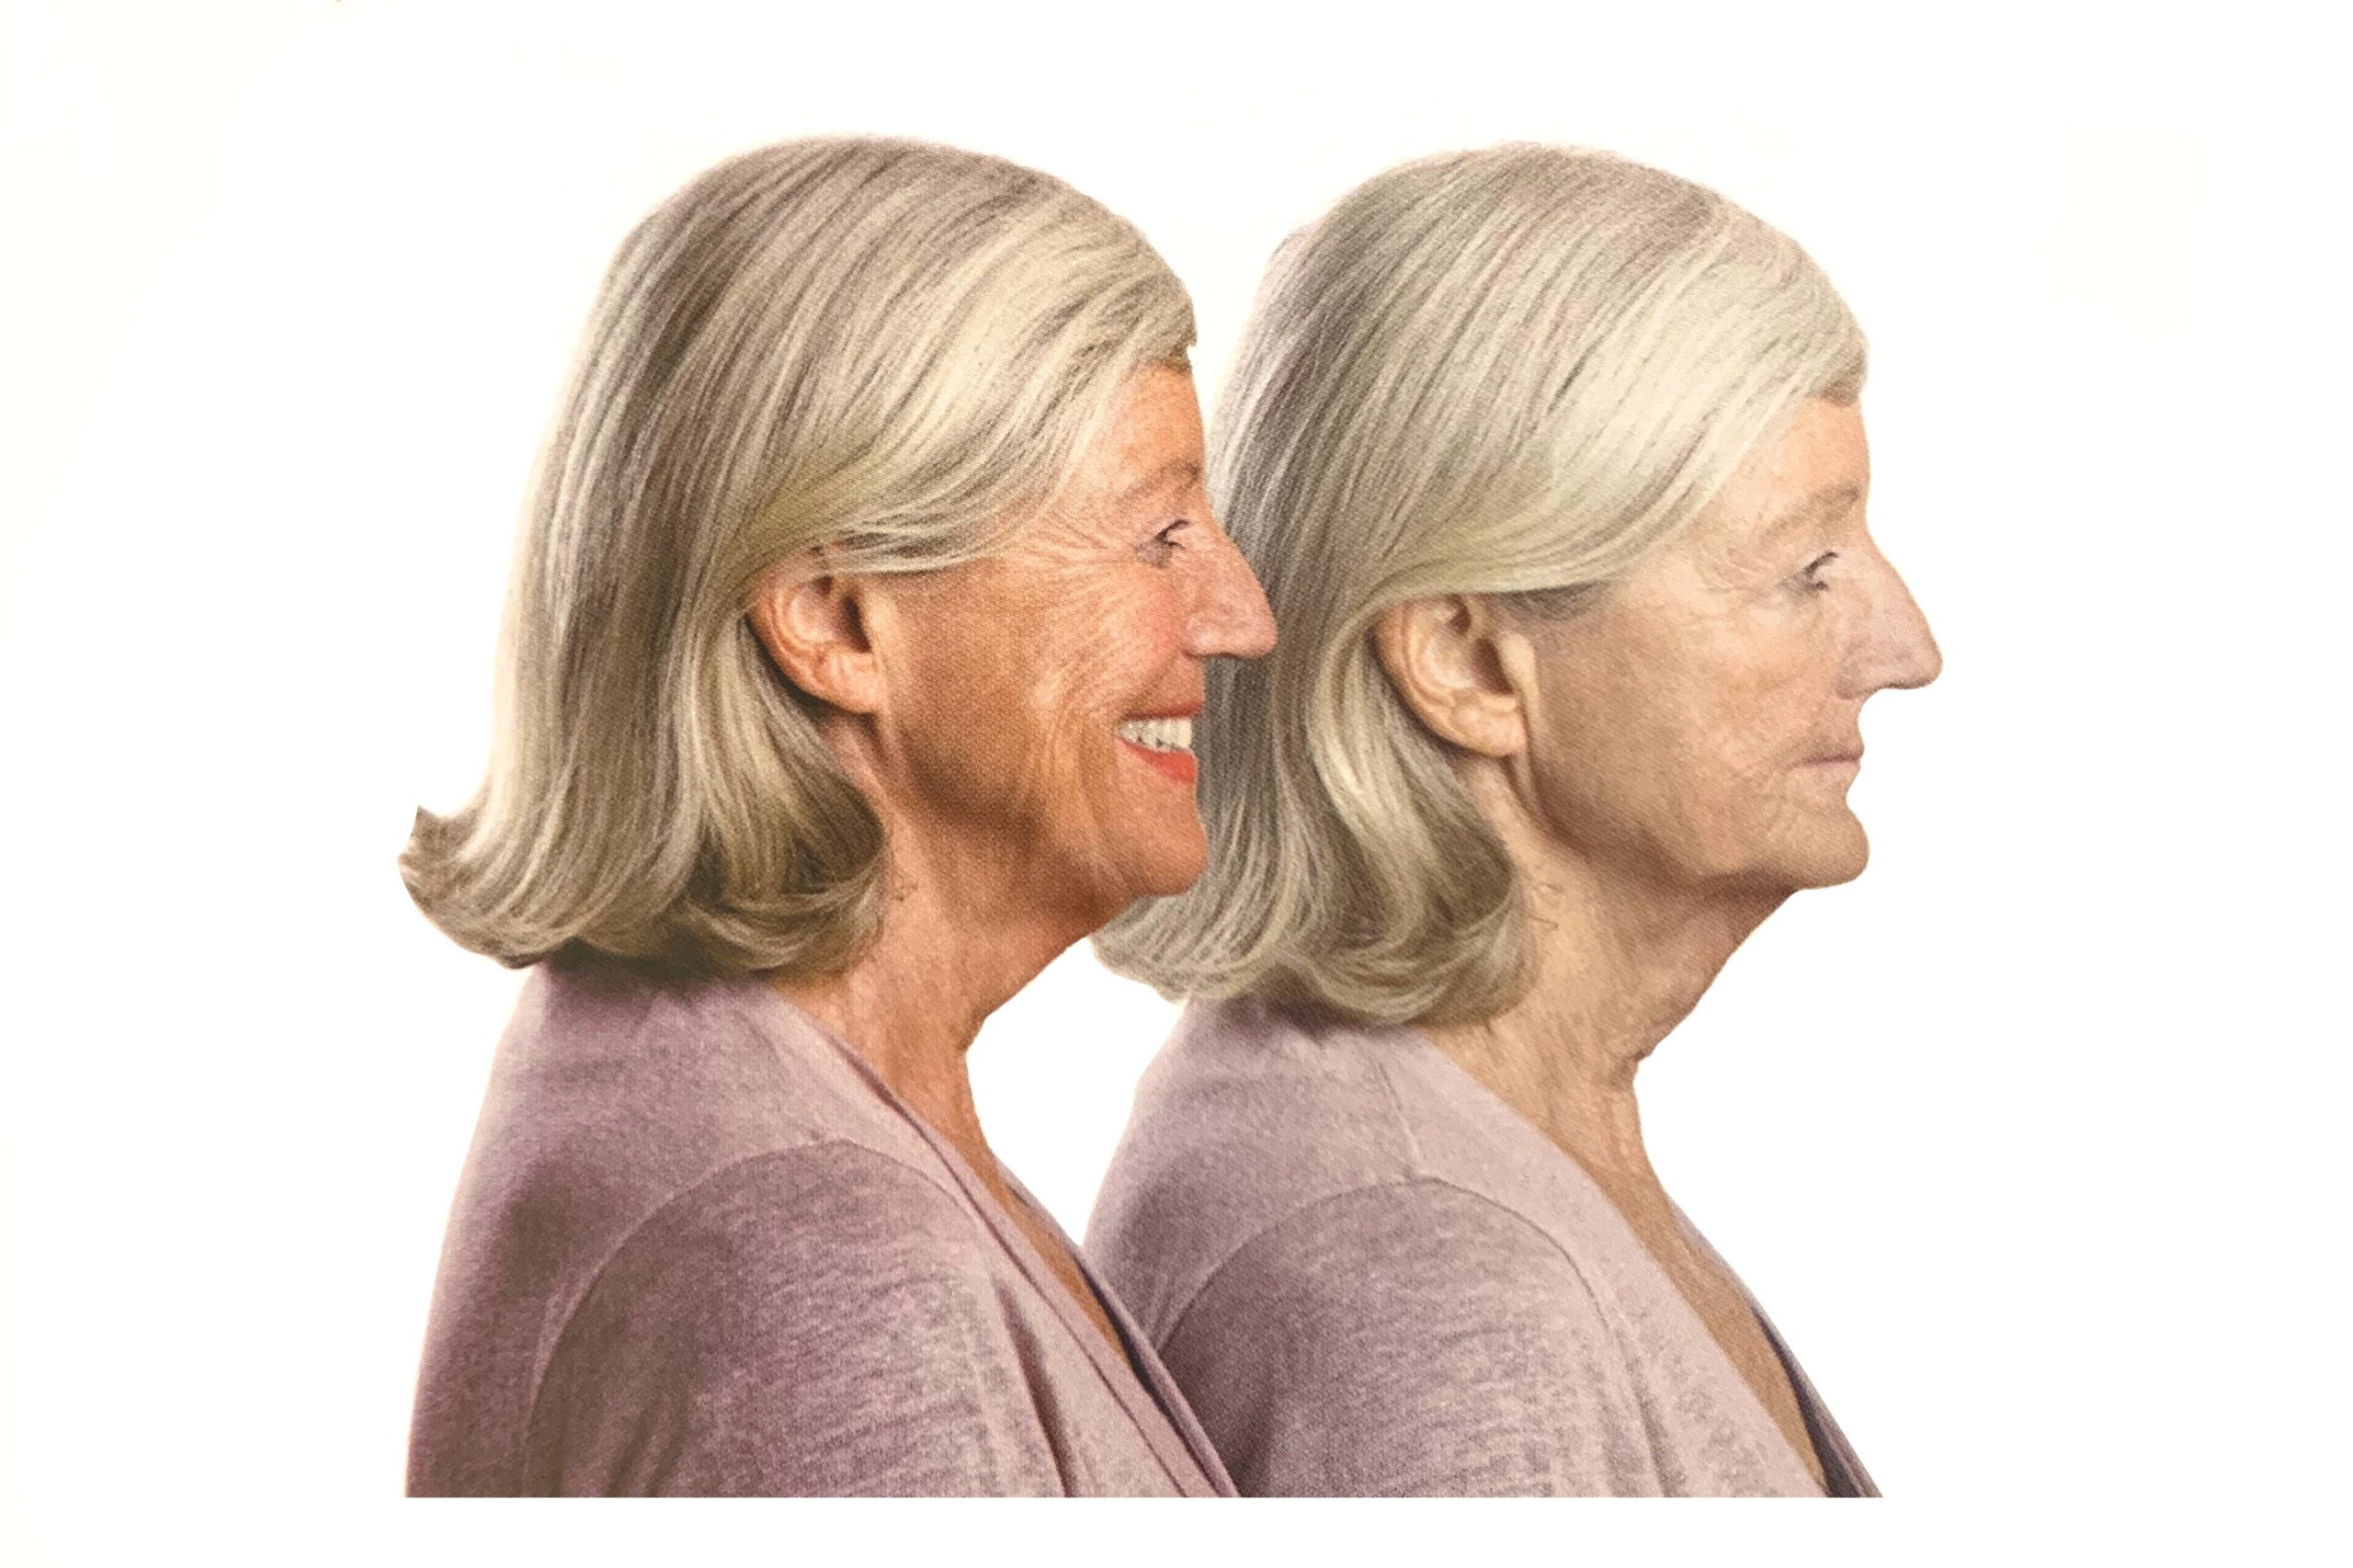 拿下 活動假牙 嚴重影響外觀